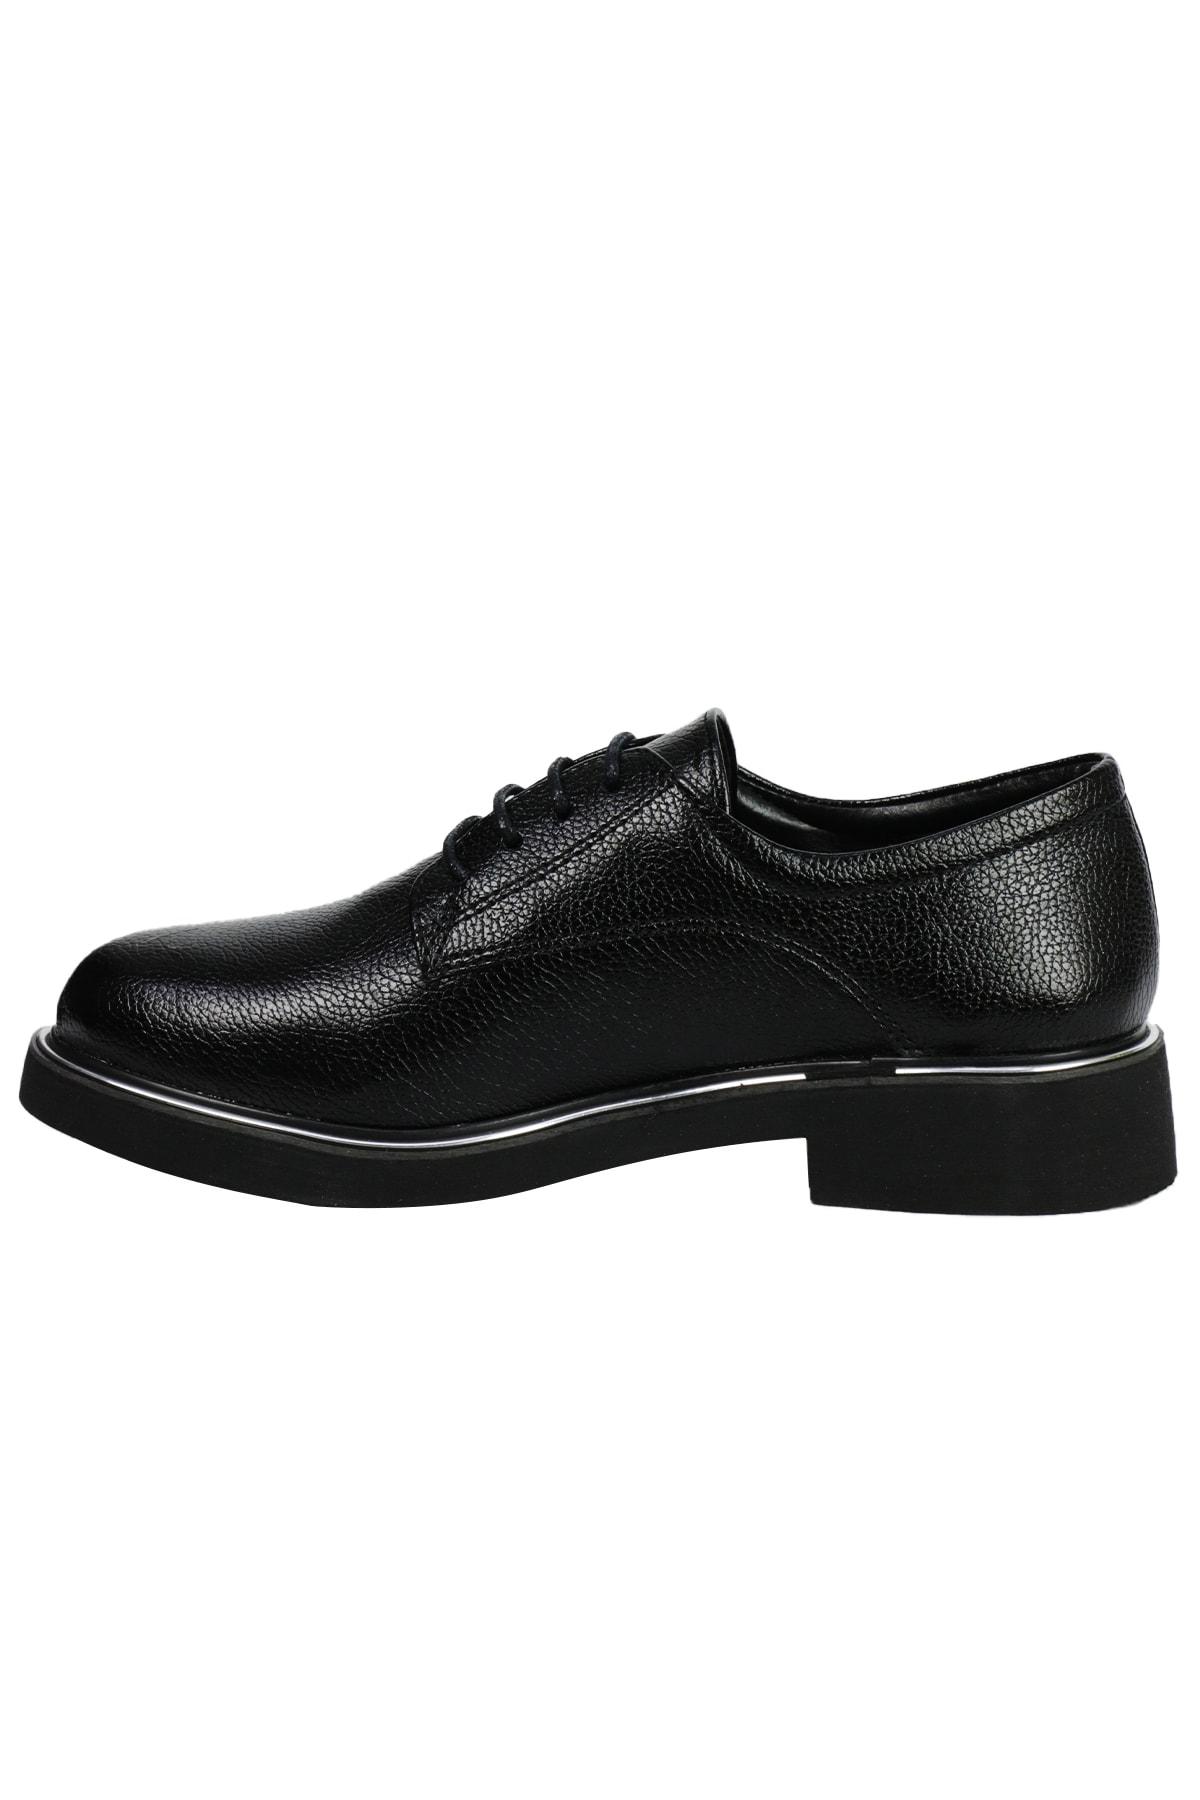 OZ DOROTHY Kadın Siyah Casual Ayakkabı 2